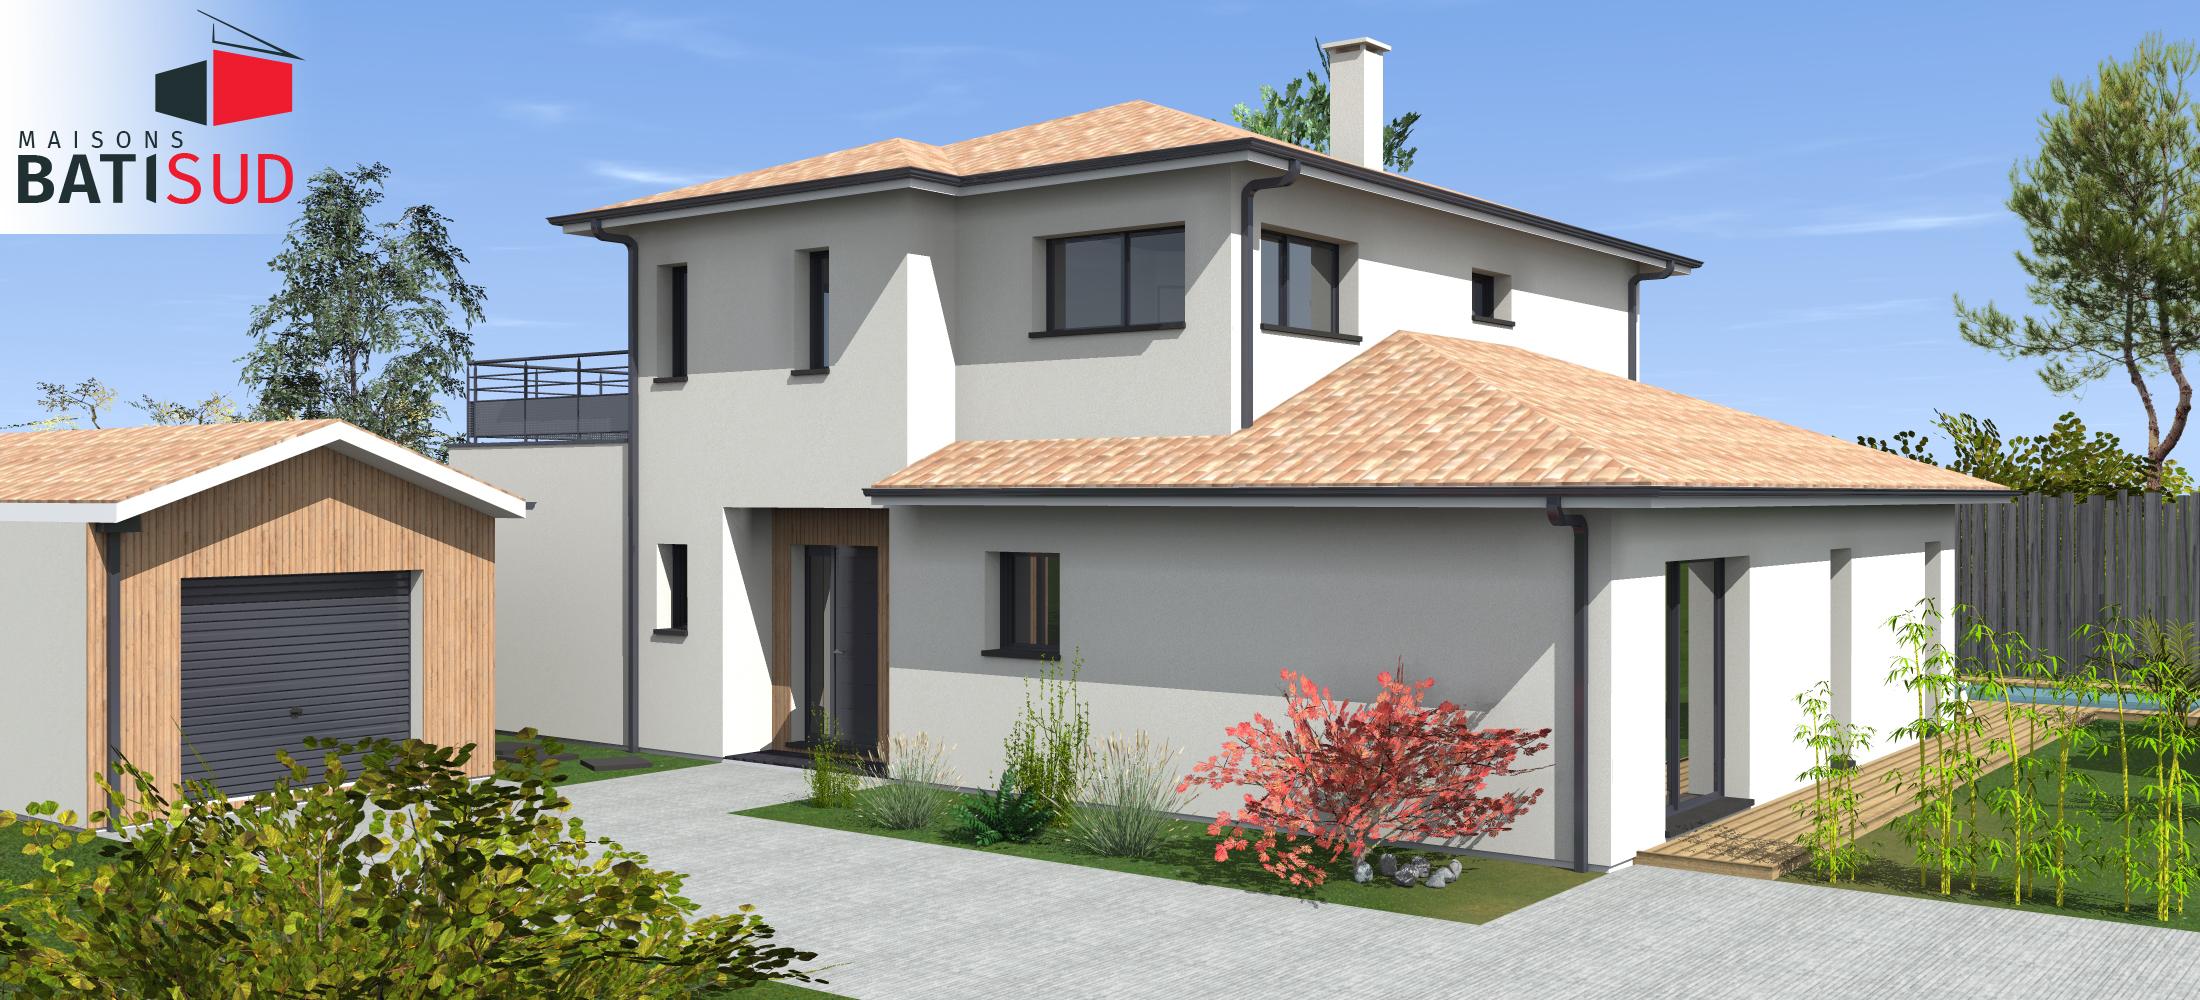 belle maison moderne avec solarium et terrasse couverte. Black Bedroom Furniture Sets. Home Design Ideas